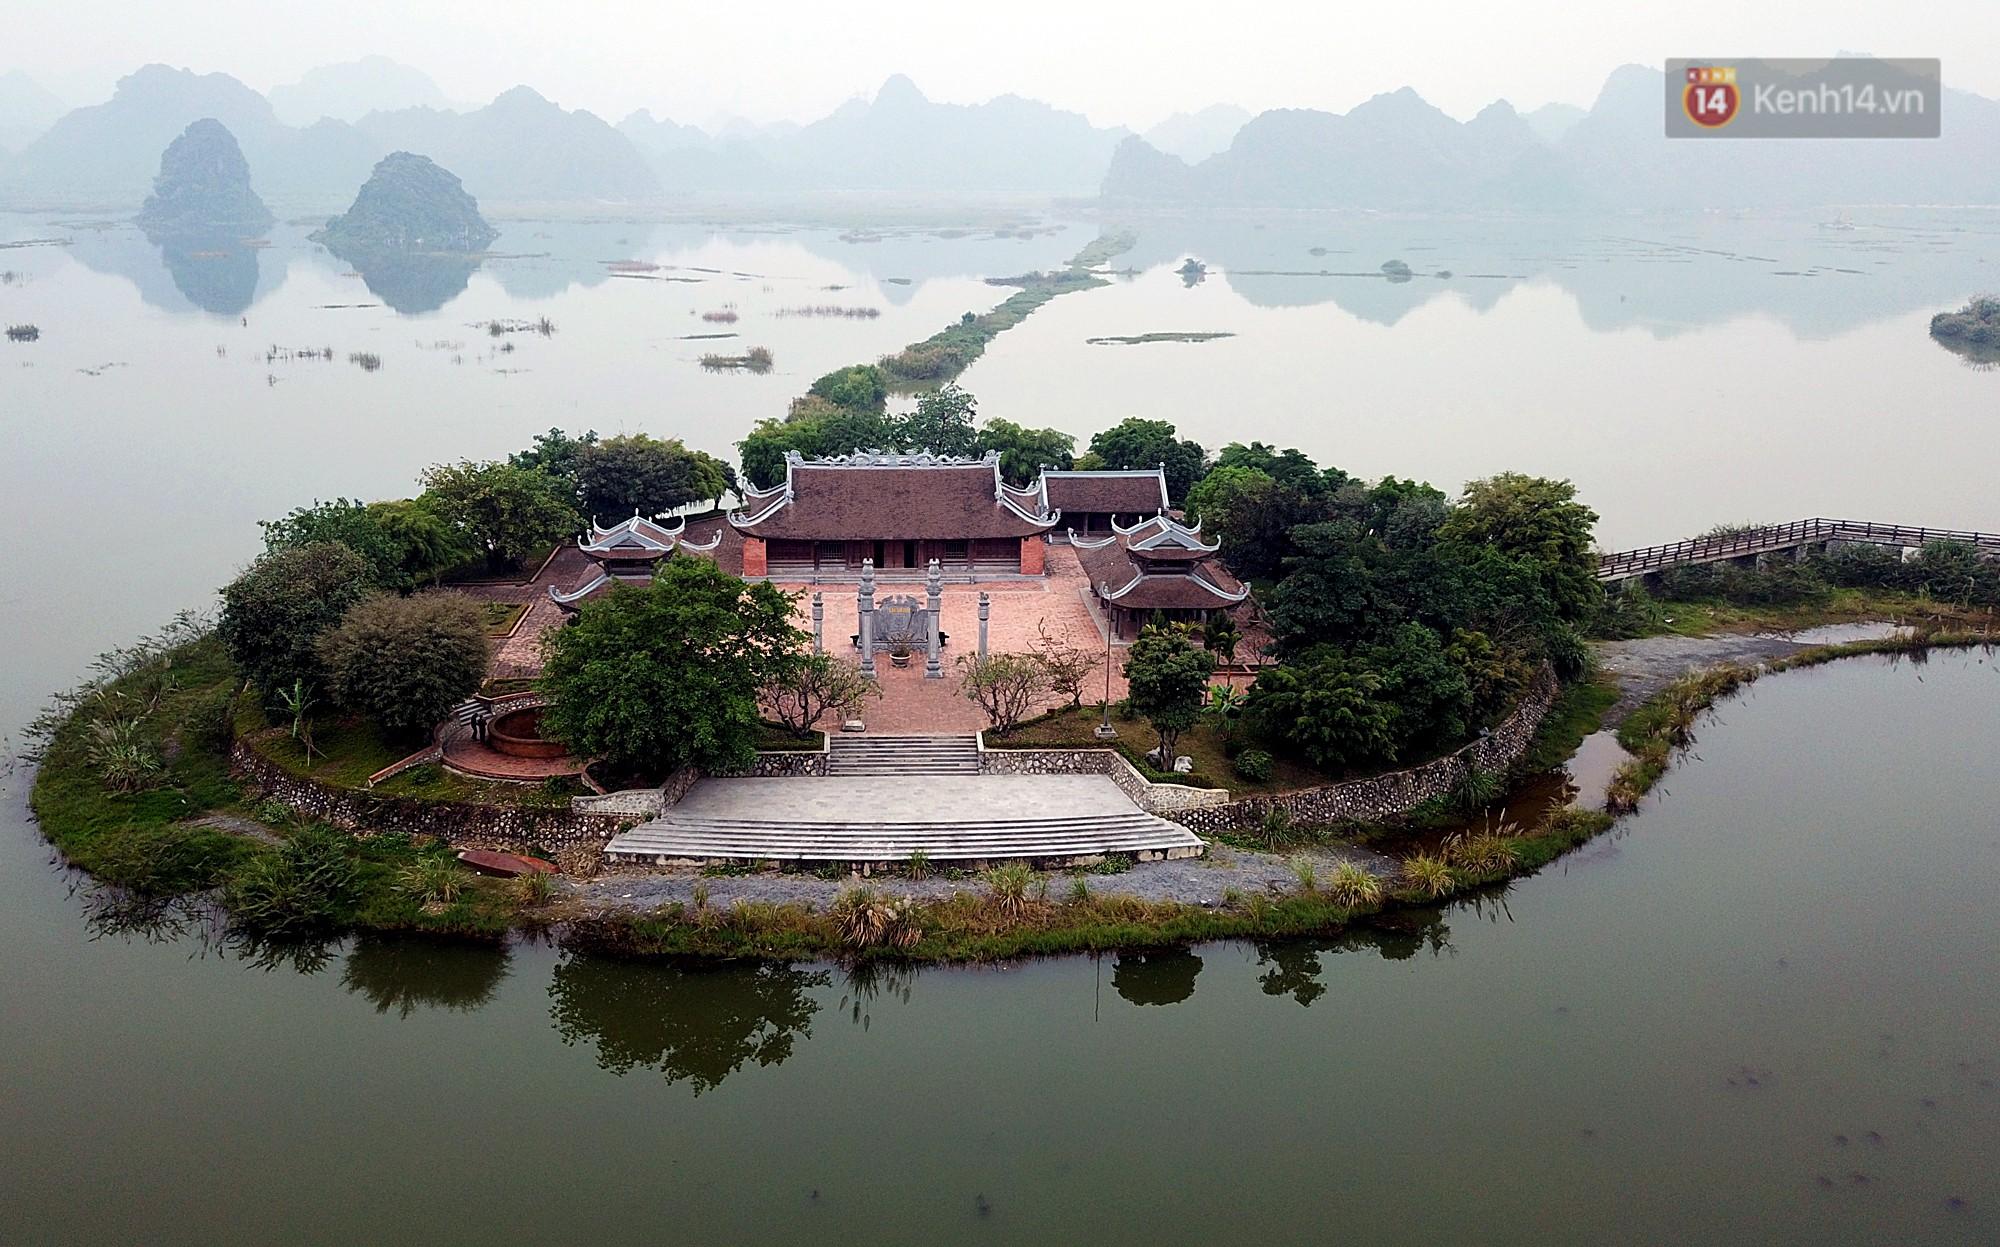 Hồ Tam Chúc còn có tên gọi khác là Lục Nhạc do có 6 ngọn núi đá mọc lên từ hồ trên diện tích hơn 600ha.